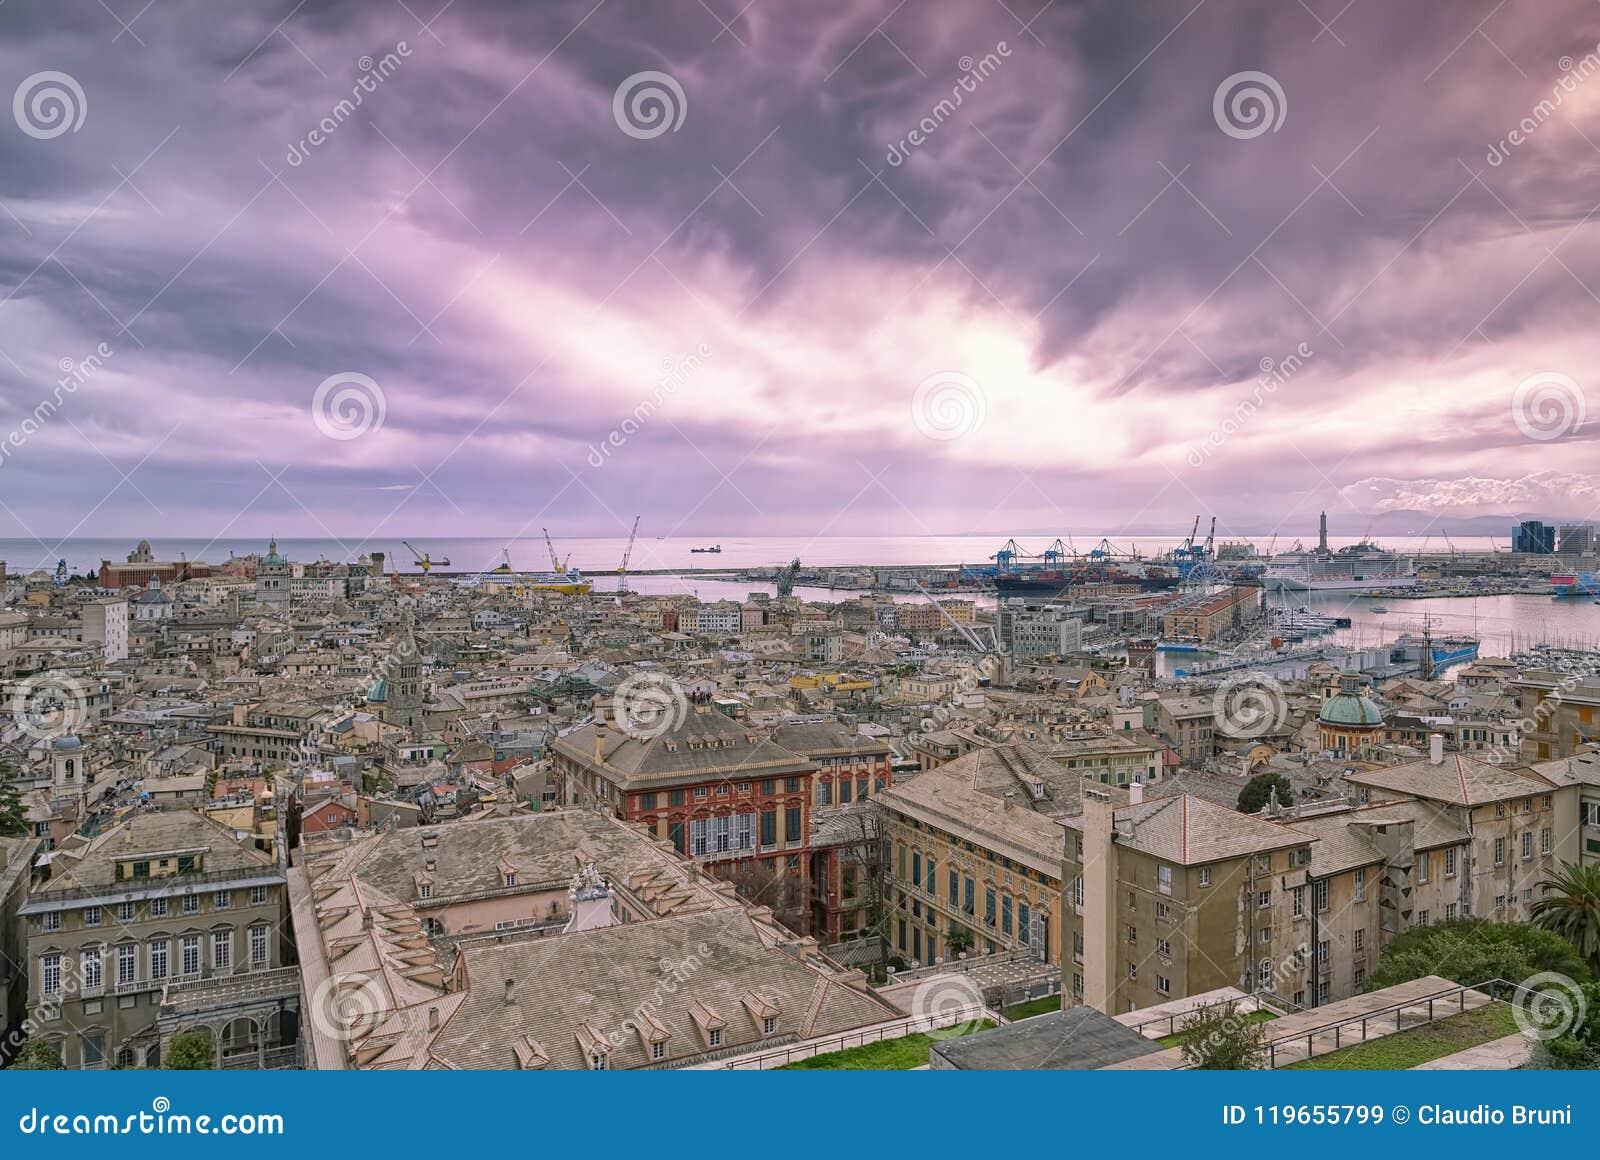 Vista della città di Genova al tramonto - Liguria - Italia